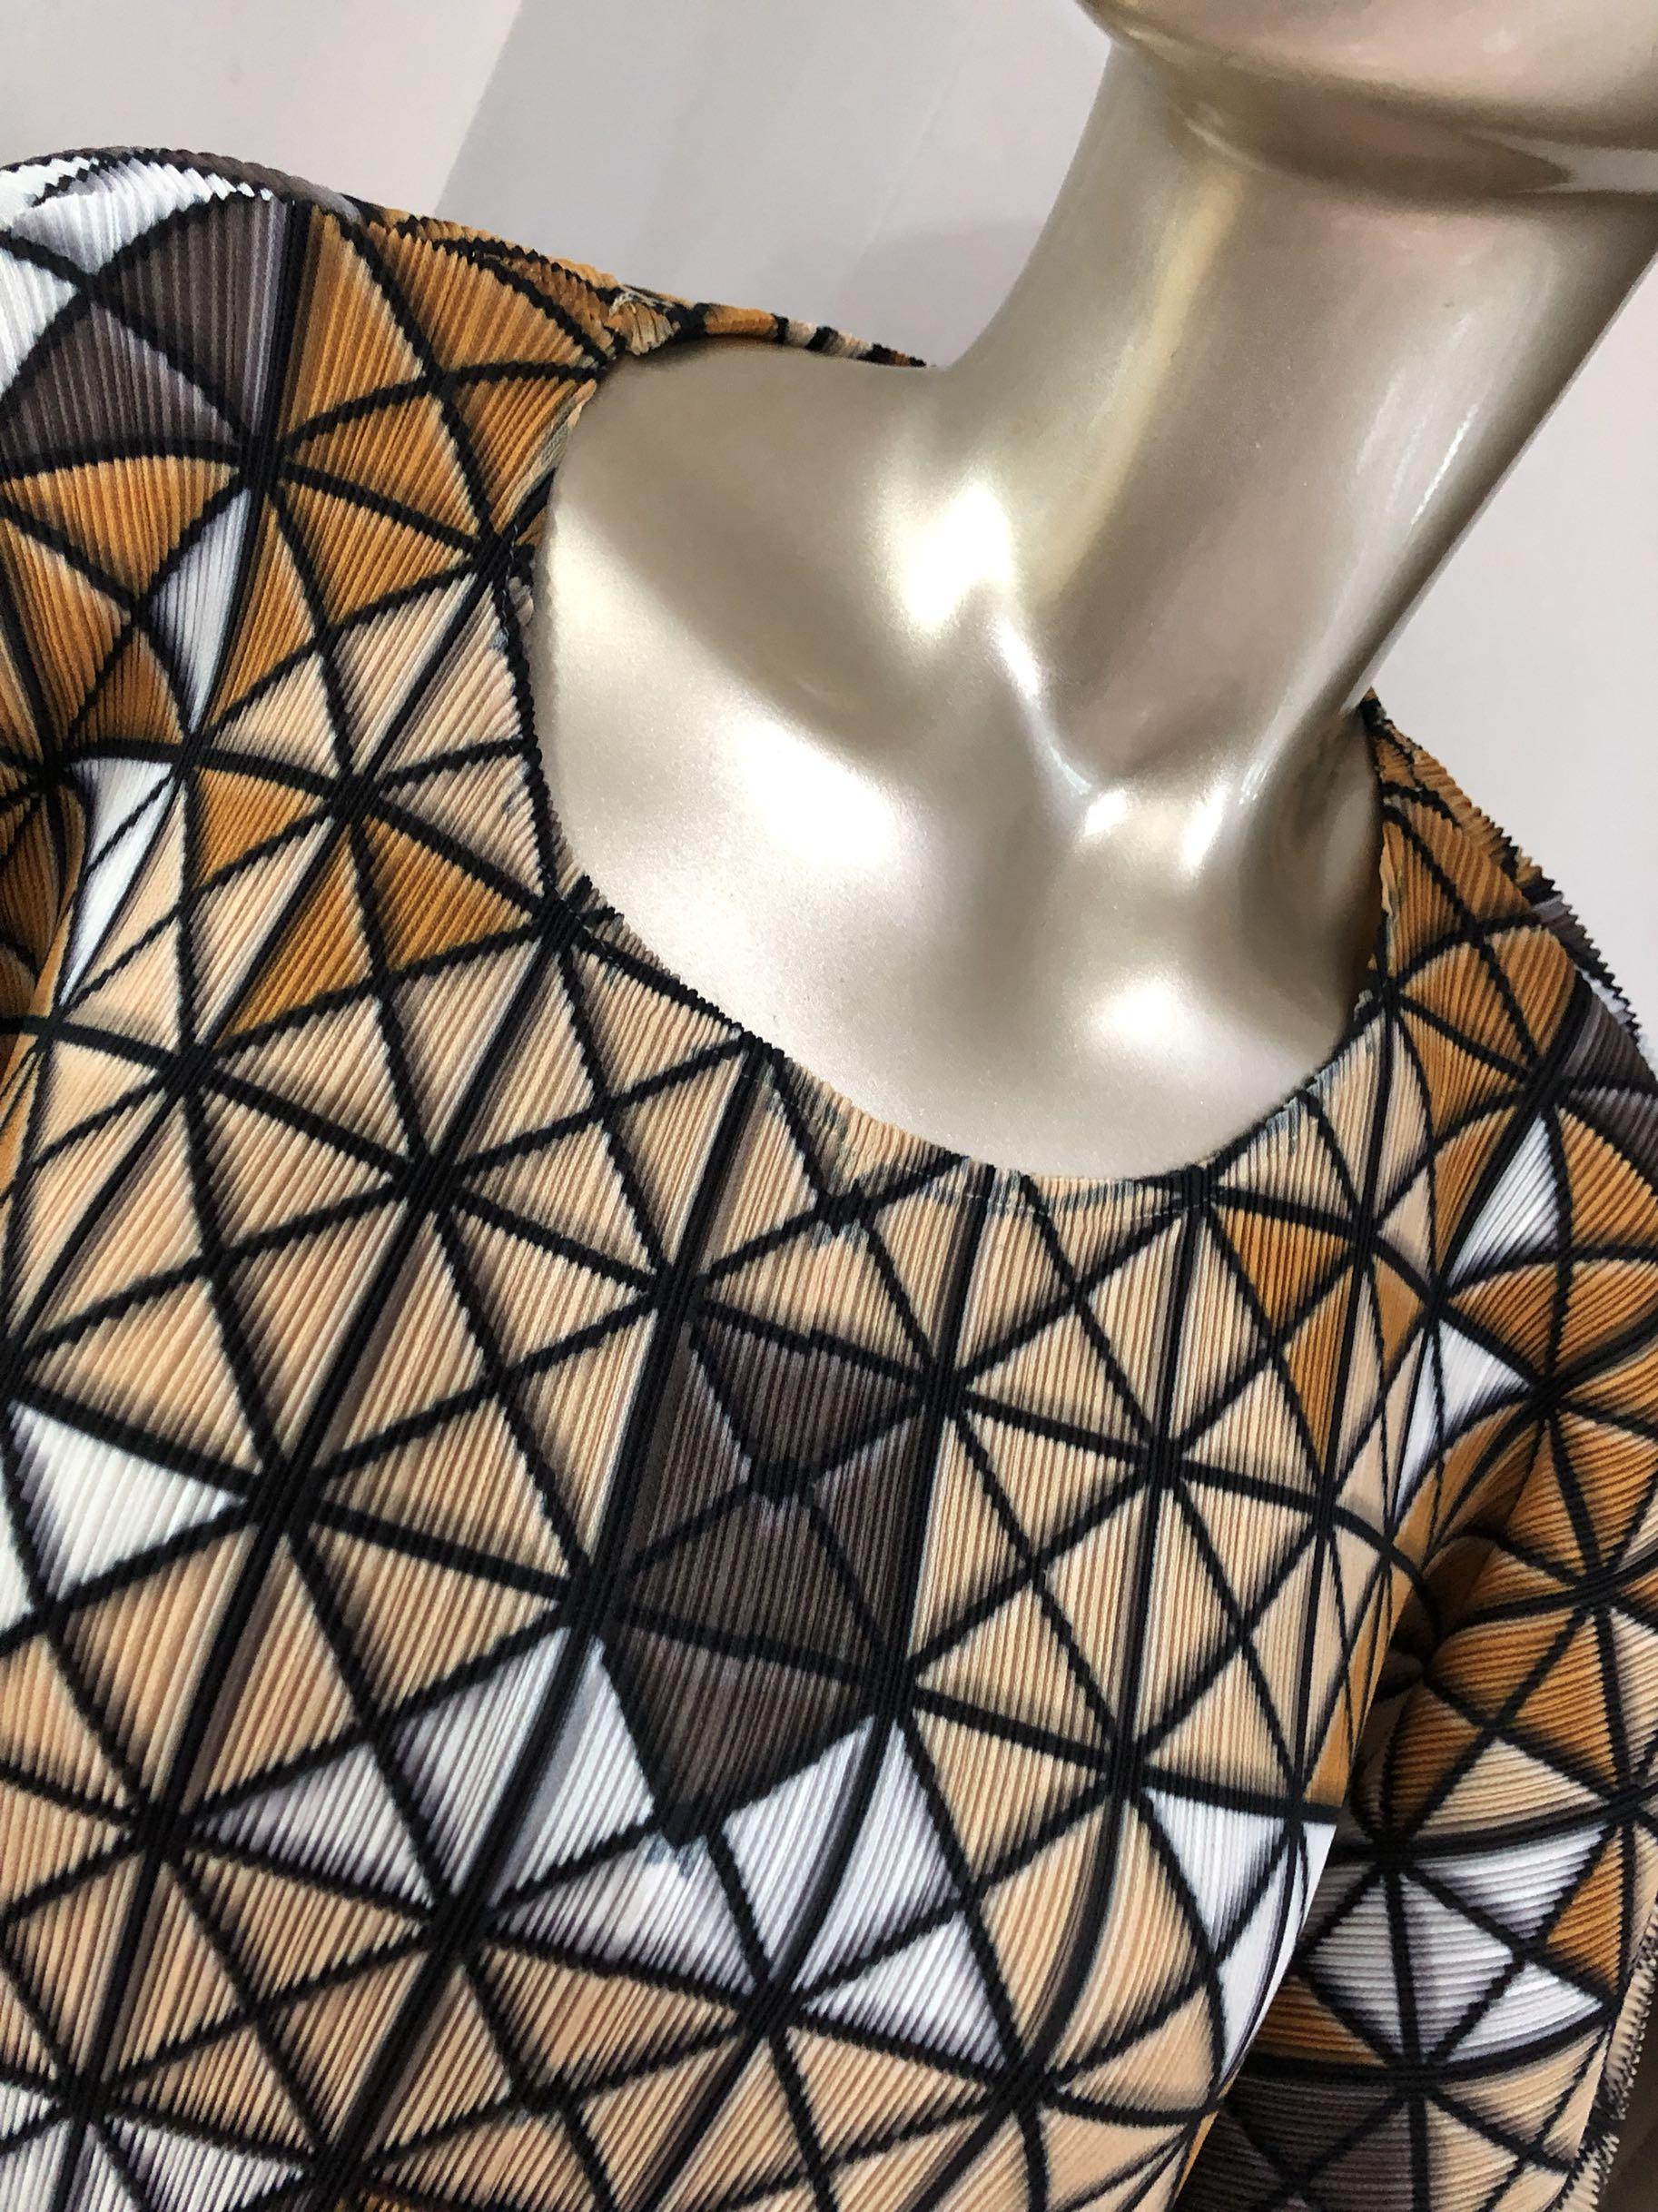 Impresión digital geométrica nueva moda MIYAKE pliegue plisado camiseta envío gratis - 3